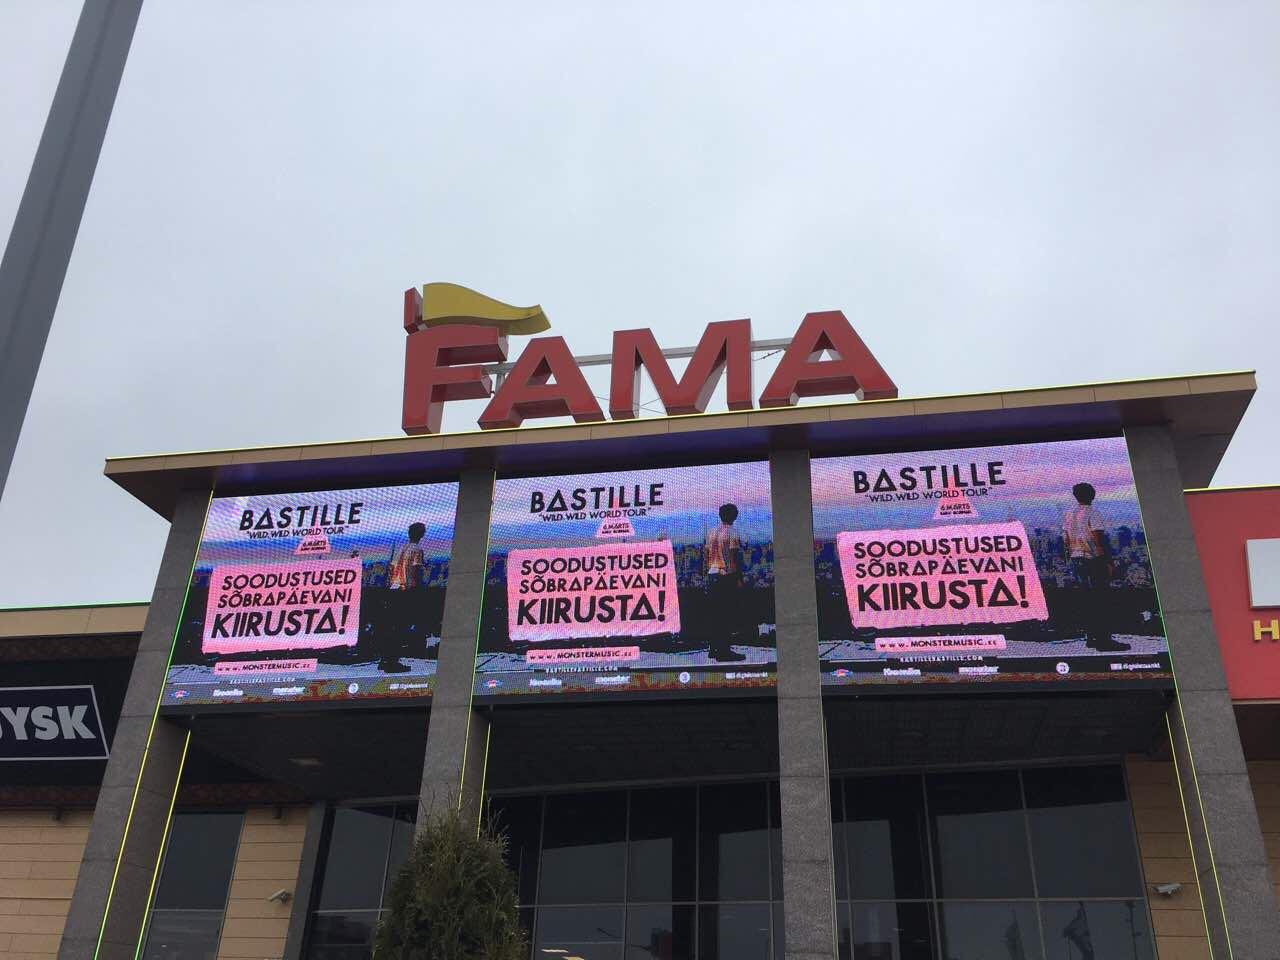 8ccdc60c0ef Reklaamvõimalused Fama Keskuses – Astri Grupi klienditugi